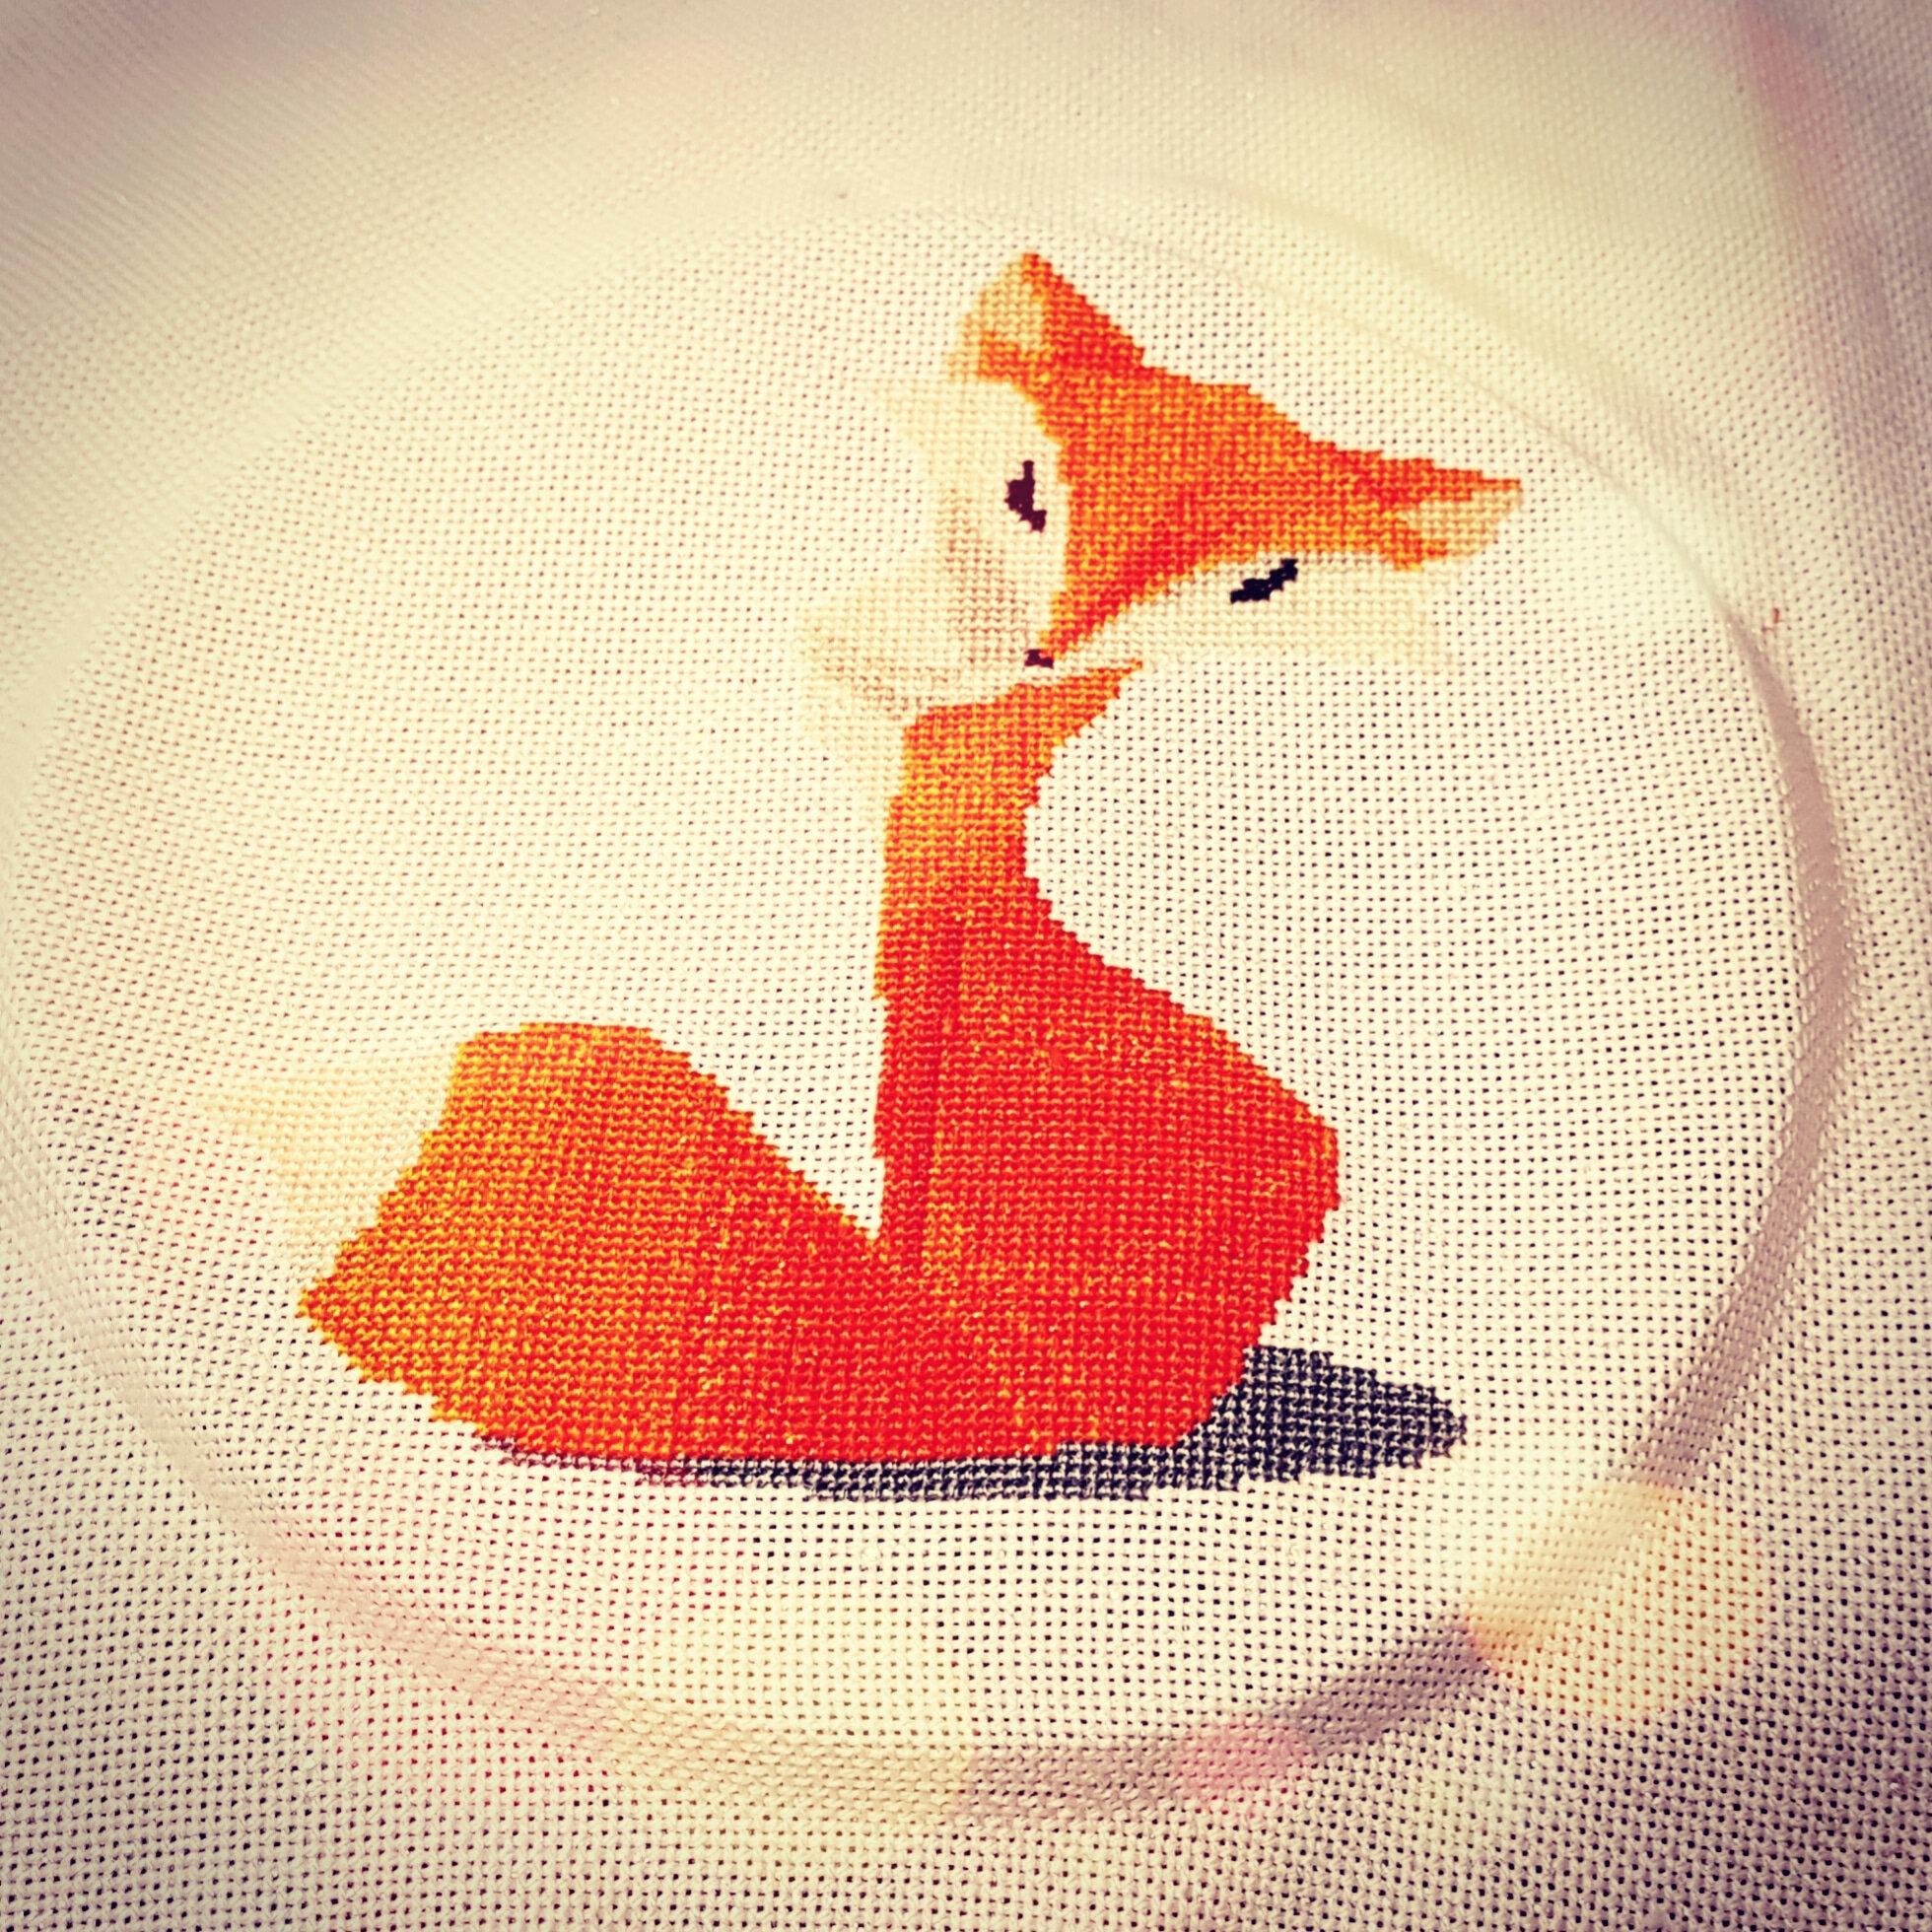 Mon joli renard <3